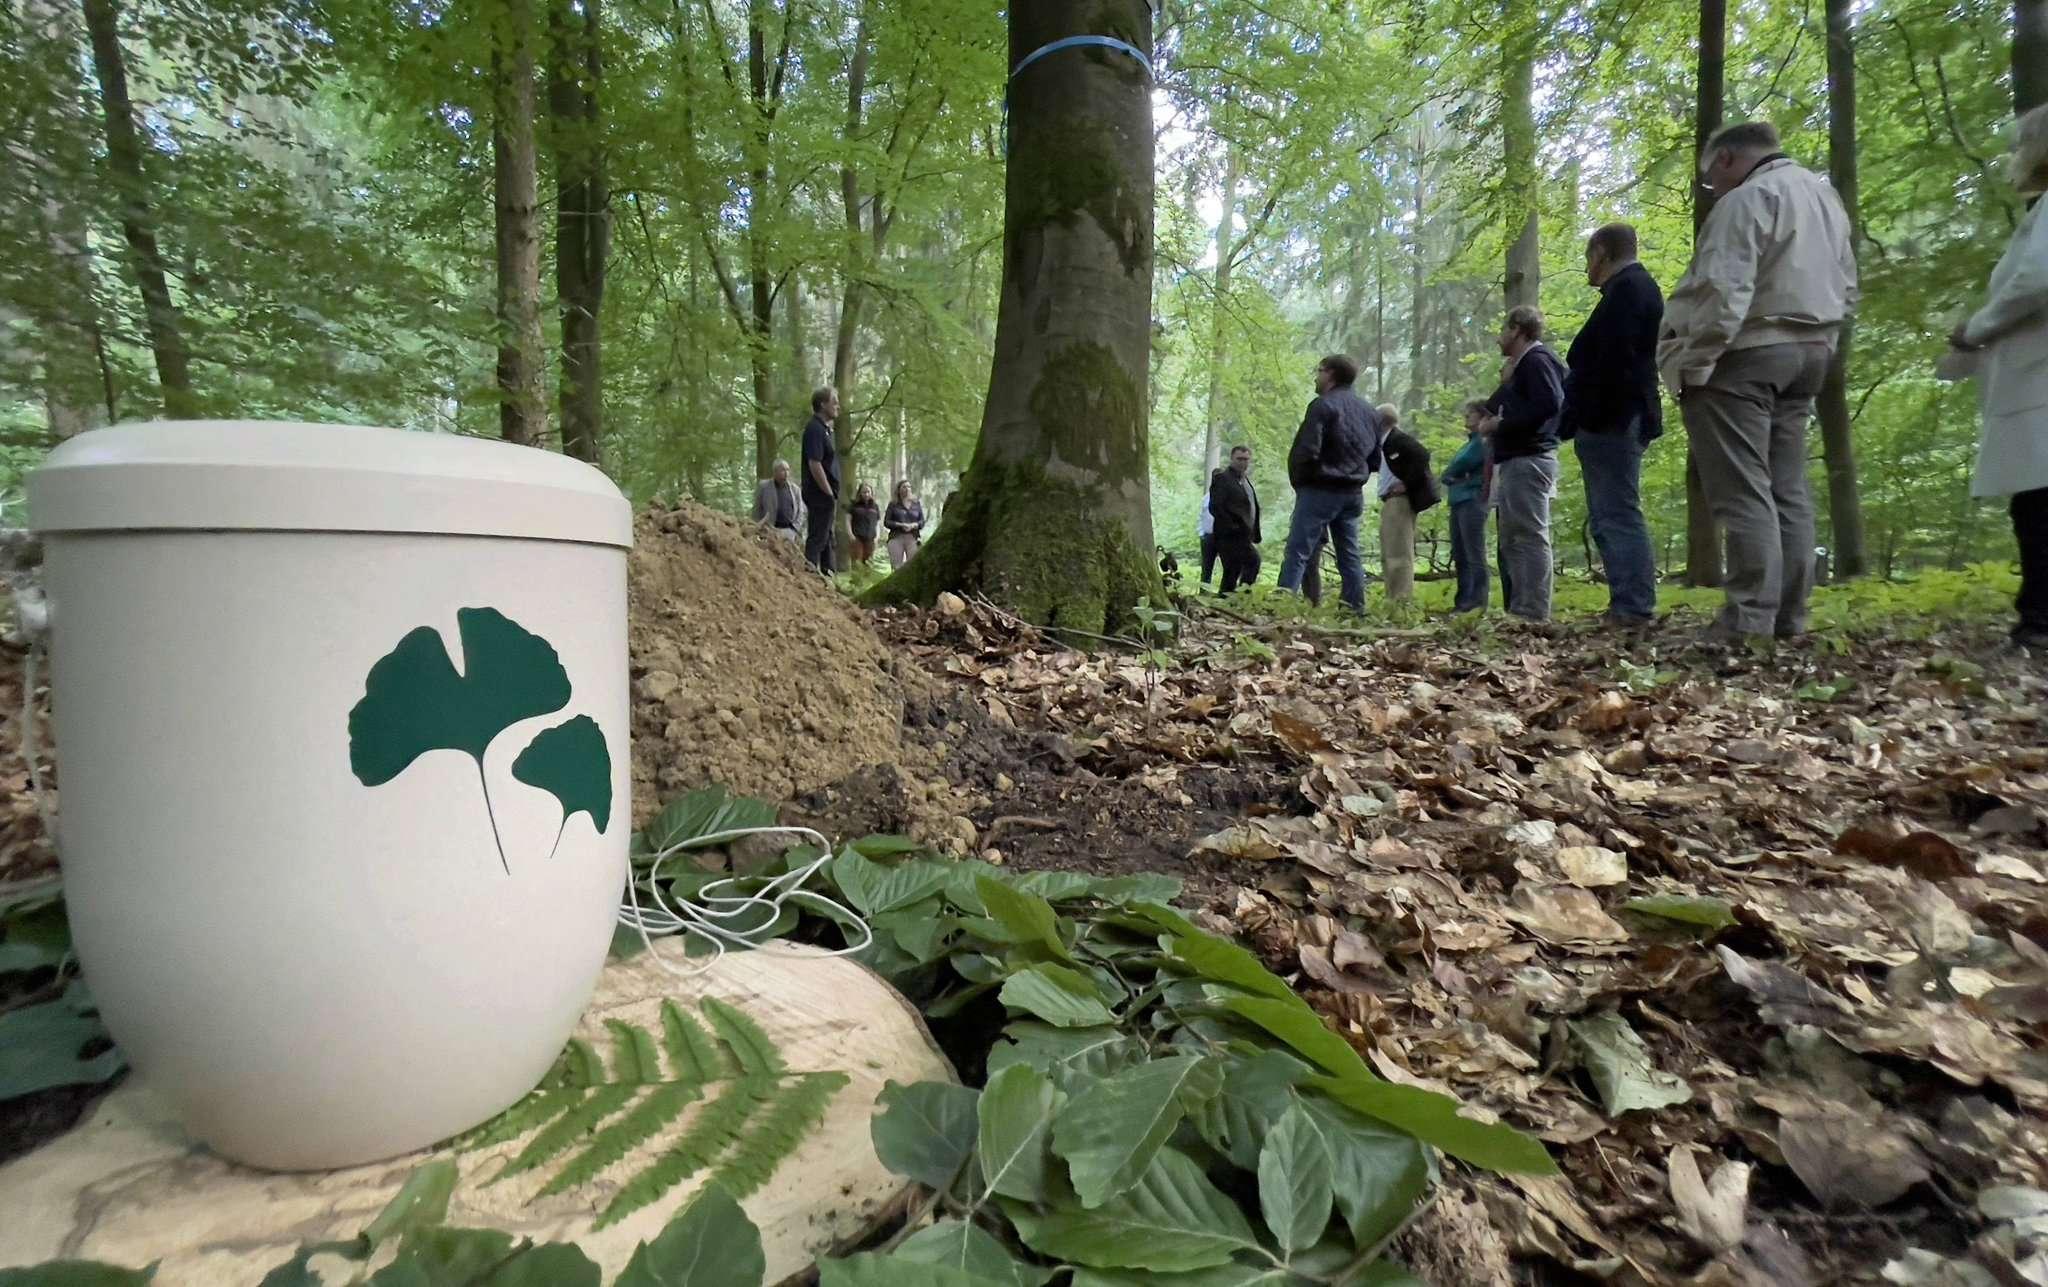 Beim Ortstermin der Ausschussmitglieder steht eine Friedwald-Urne unter einem Baum u2013 doch einen Friedwald wird es im Lintel nicht geben. Die Mitglieder des Rates stimmen gegen den Antrag der Landesforsten. Foto: Guido Menker